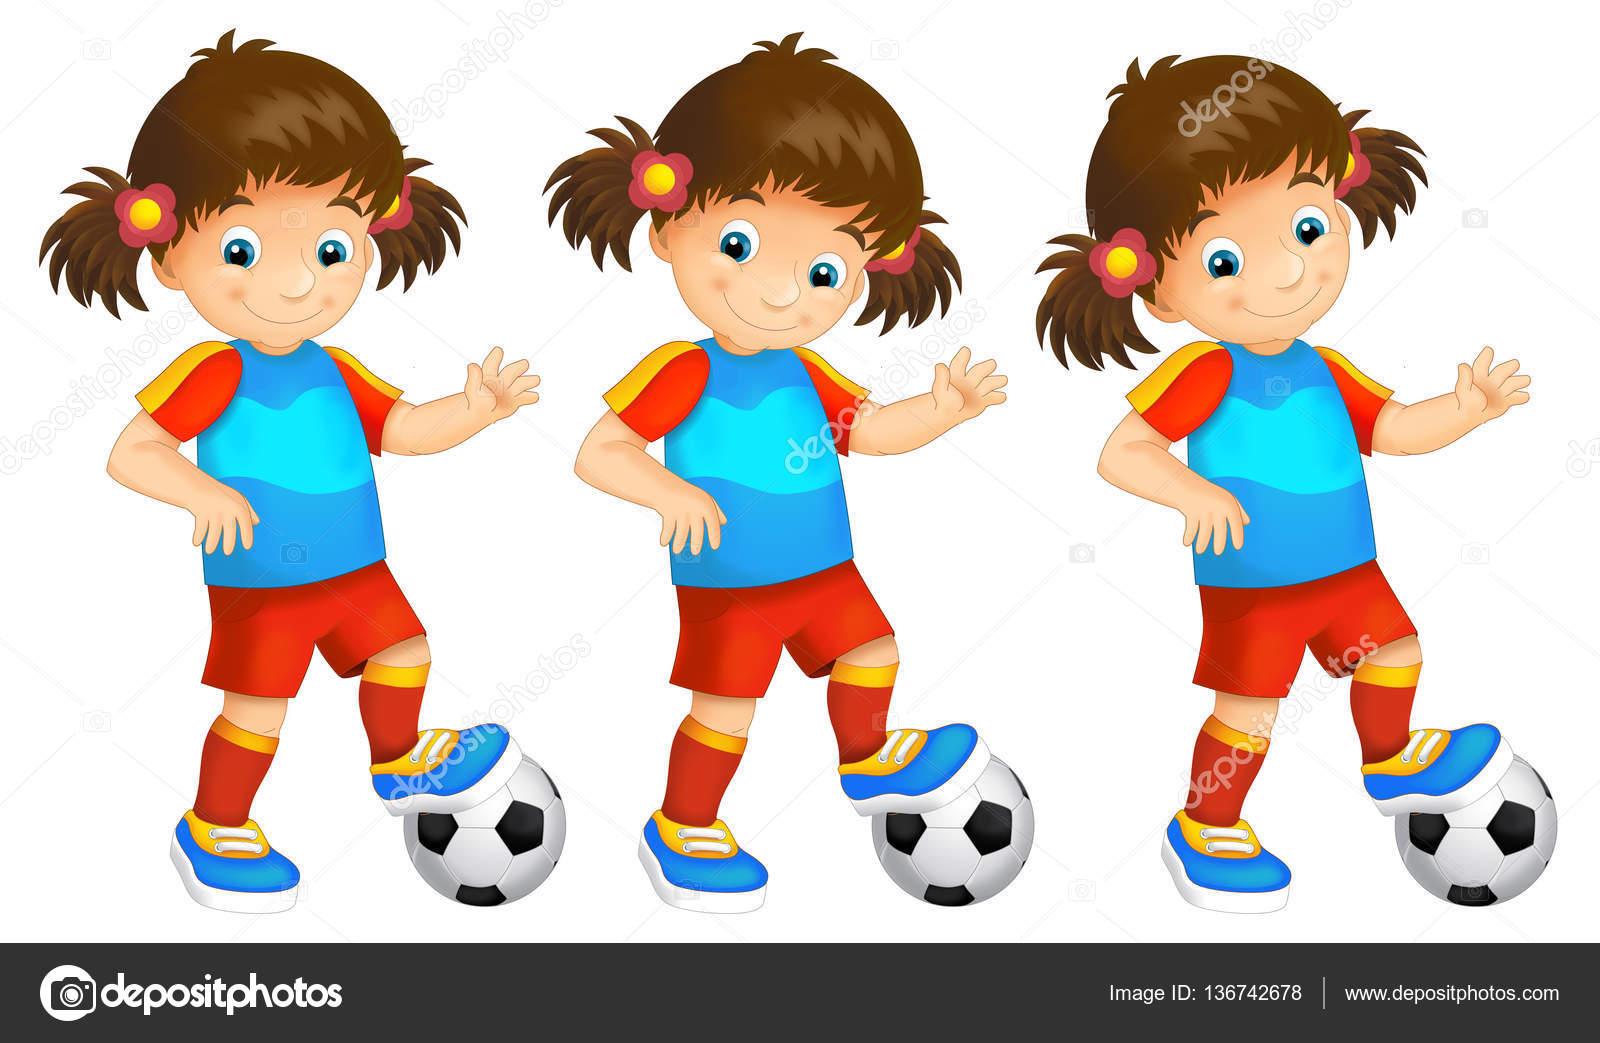 Dibujos Mujeres Jugando Futbol Ninos De Dibujos Animados Chicas